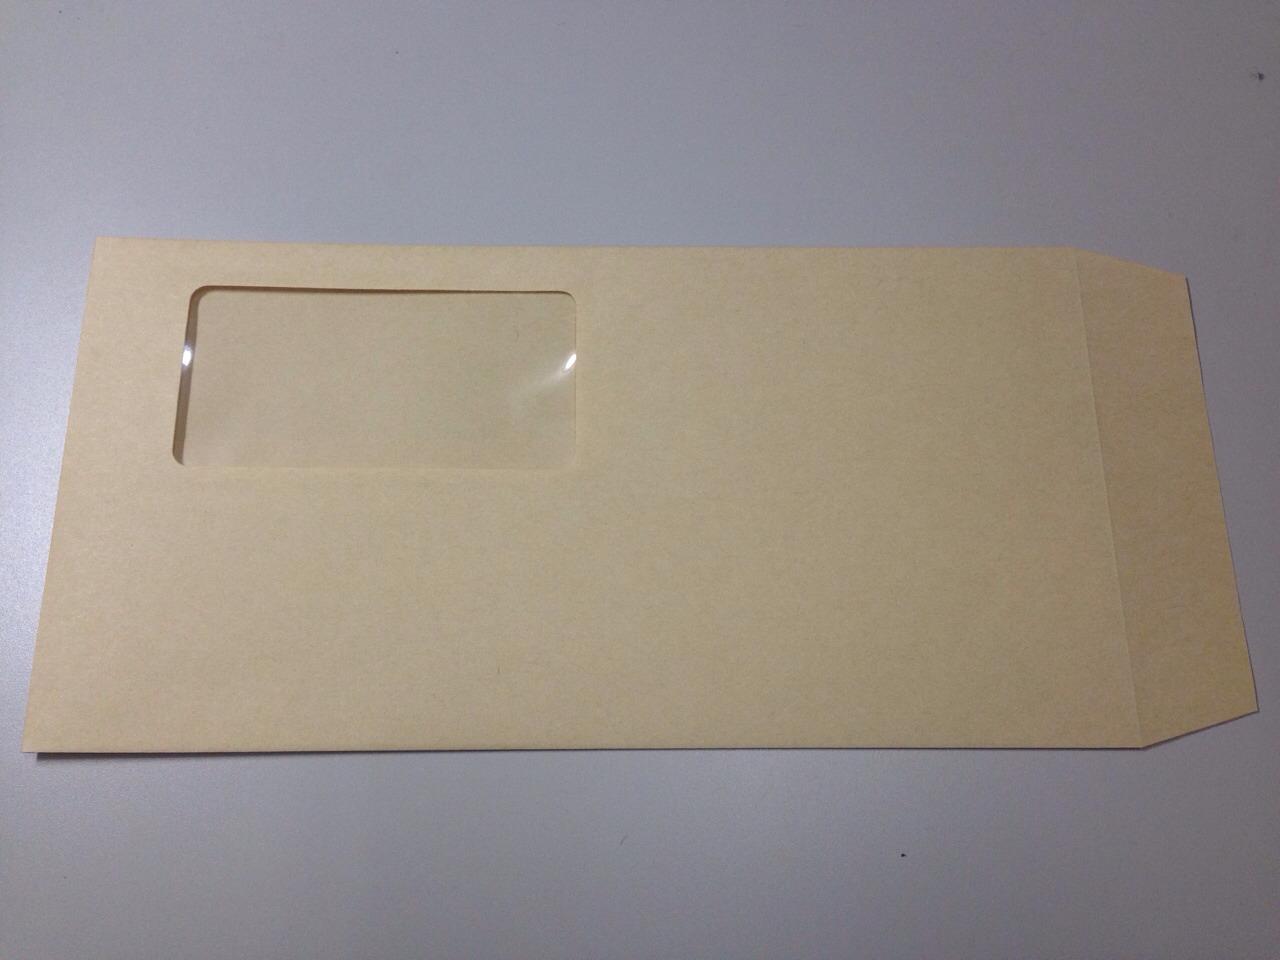 封筒 長3 窓 テープ付 クラフト 1000枚 70g クラフト封筒 窓付き封筒 口糊付き のり付 スラット ワンタッチ 糊付 両面テープ エルコン テープスチック